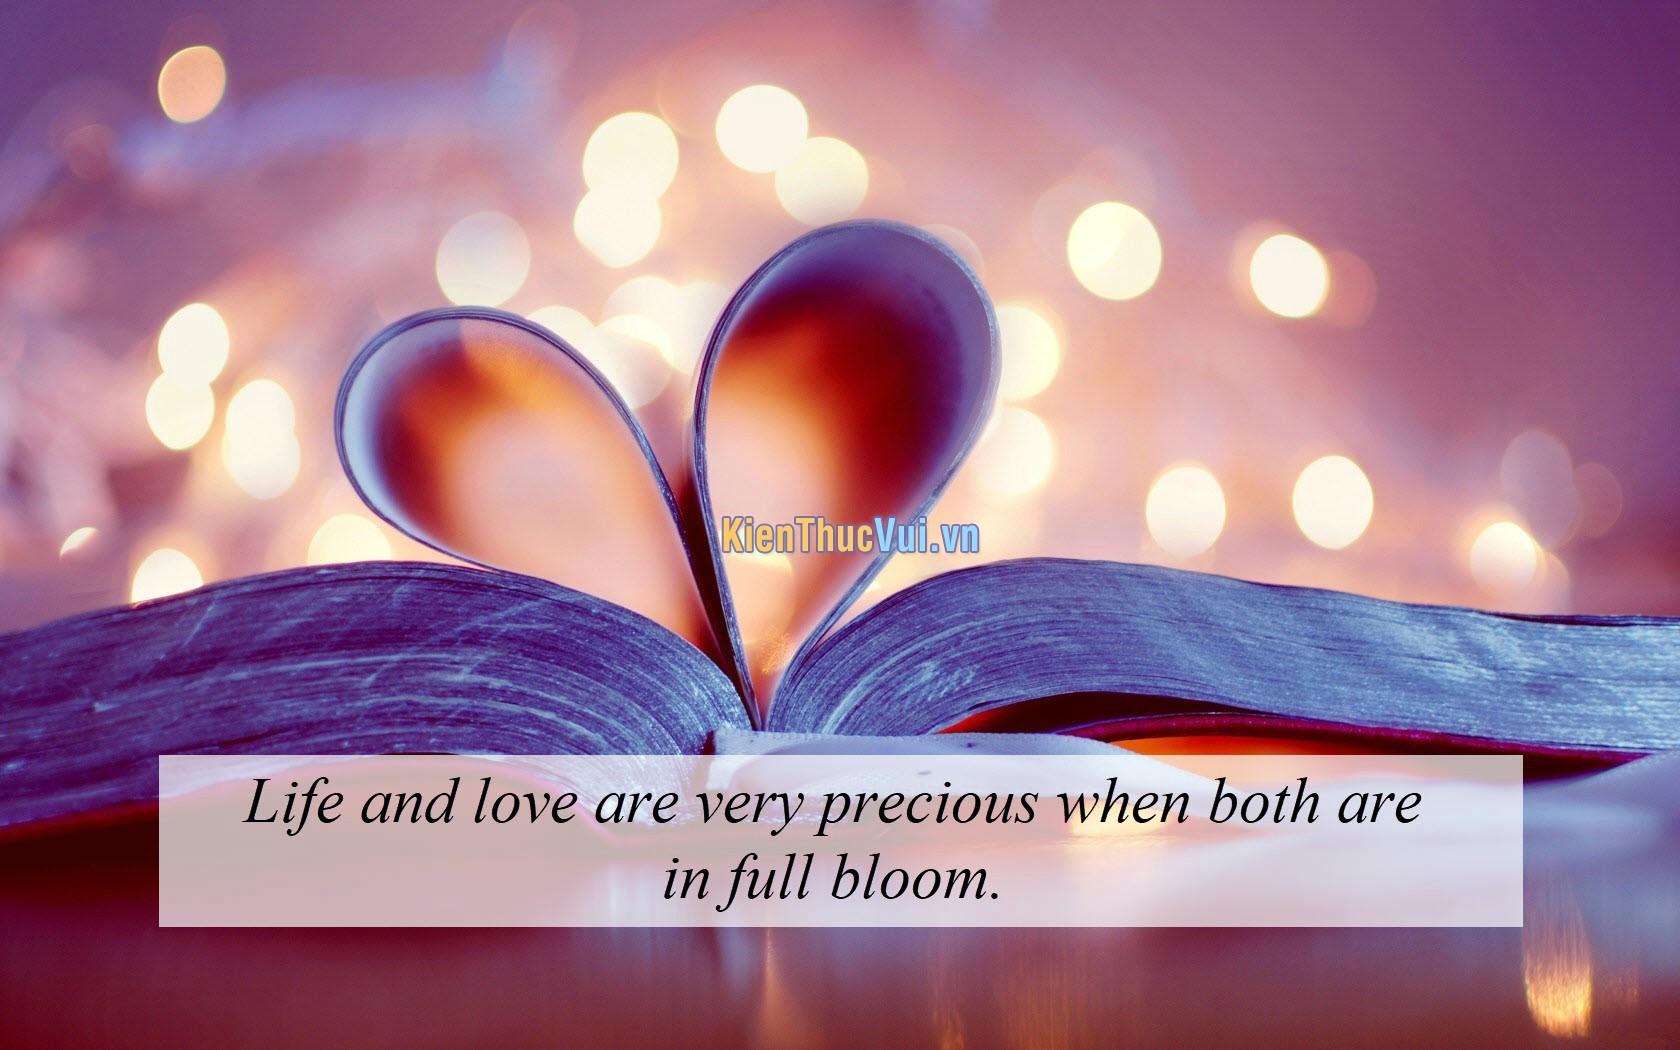 Cuộc sống và tình yêu đều vô cùng quý giá khi chúng đang nở rộ